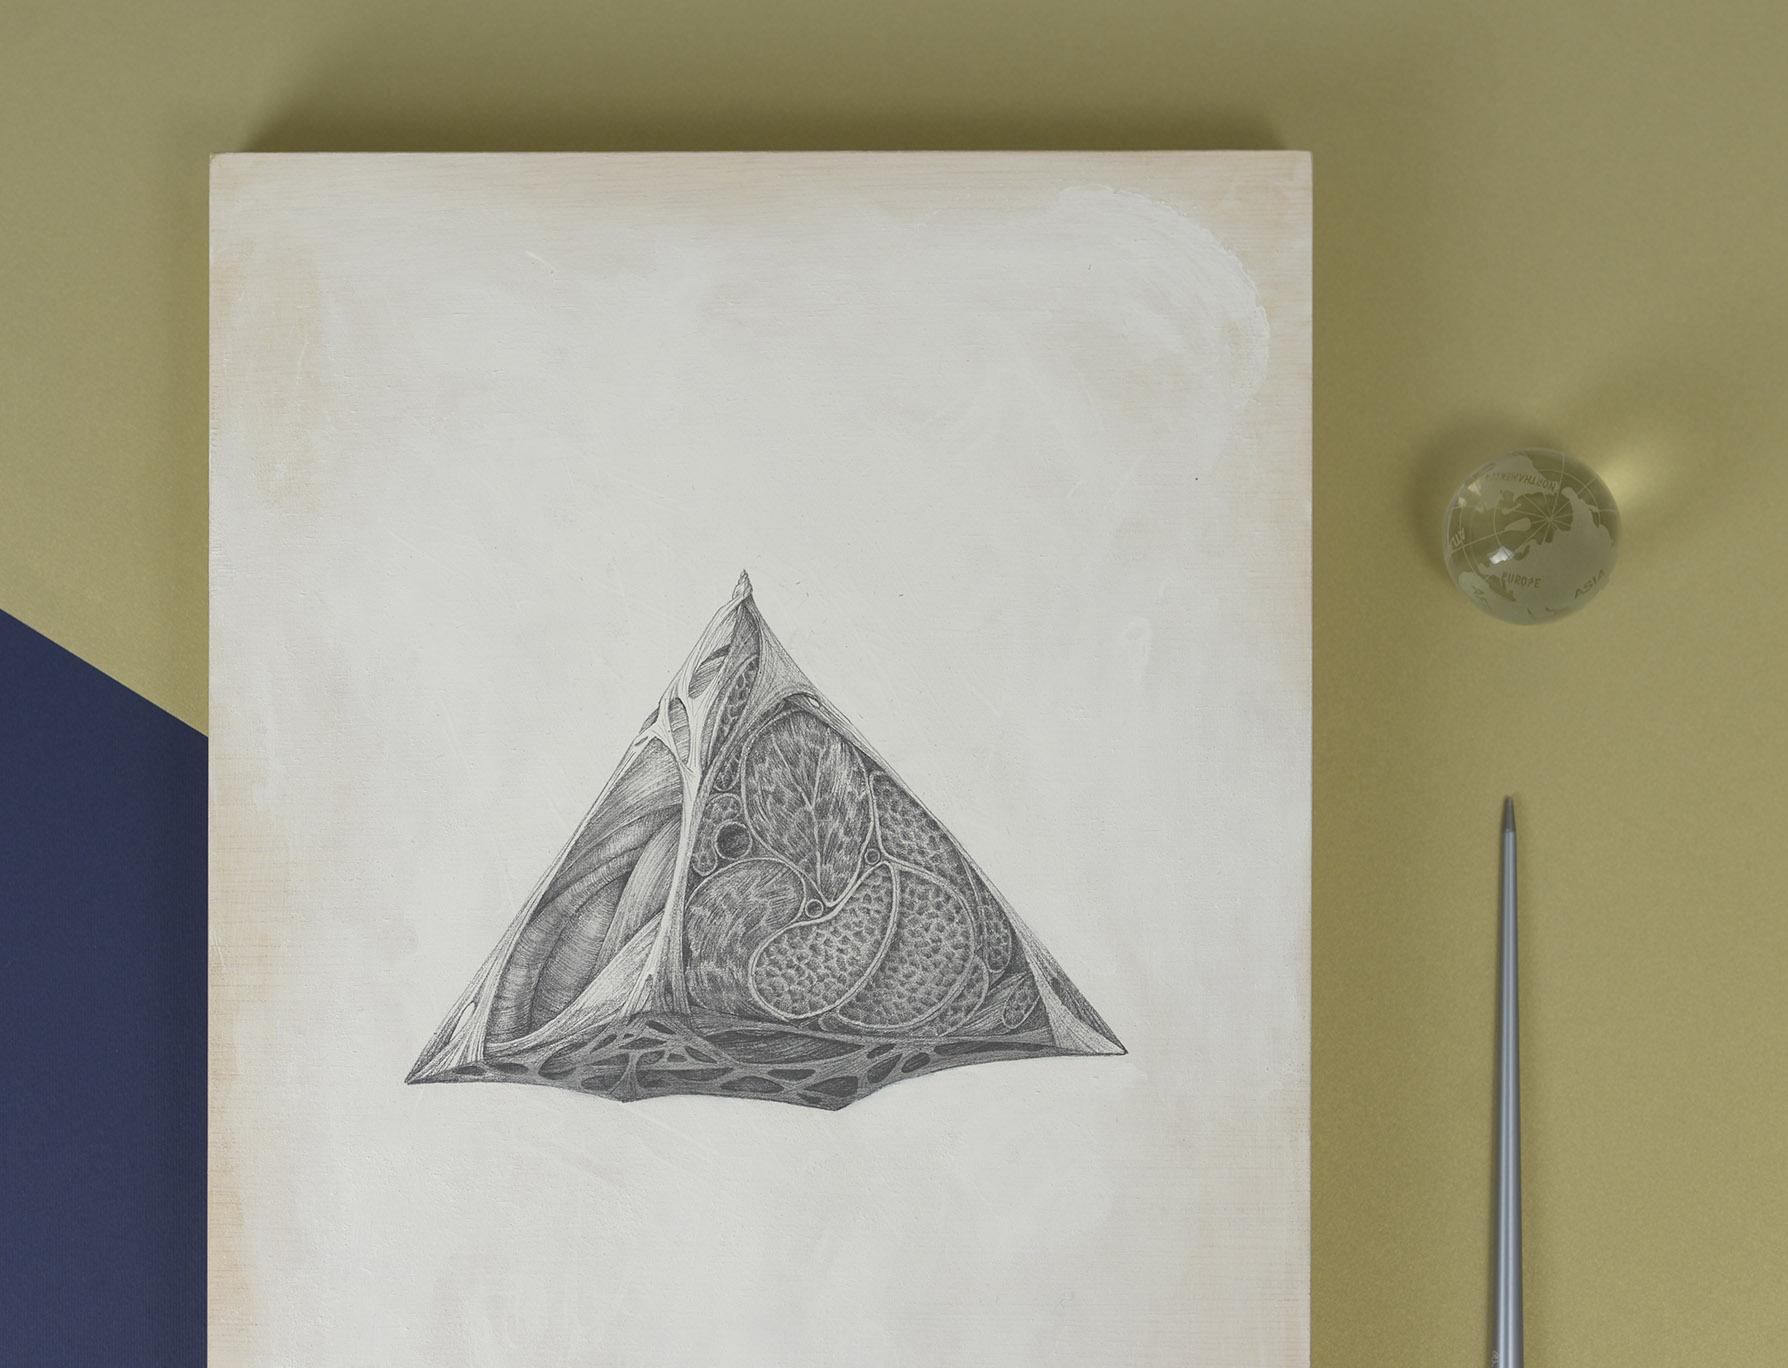 piramide obra de arte hecha con lapiz de grafito por giselle vitali